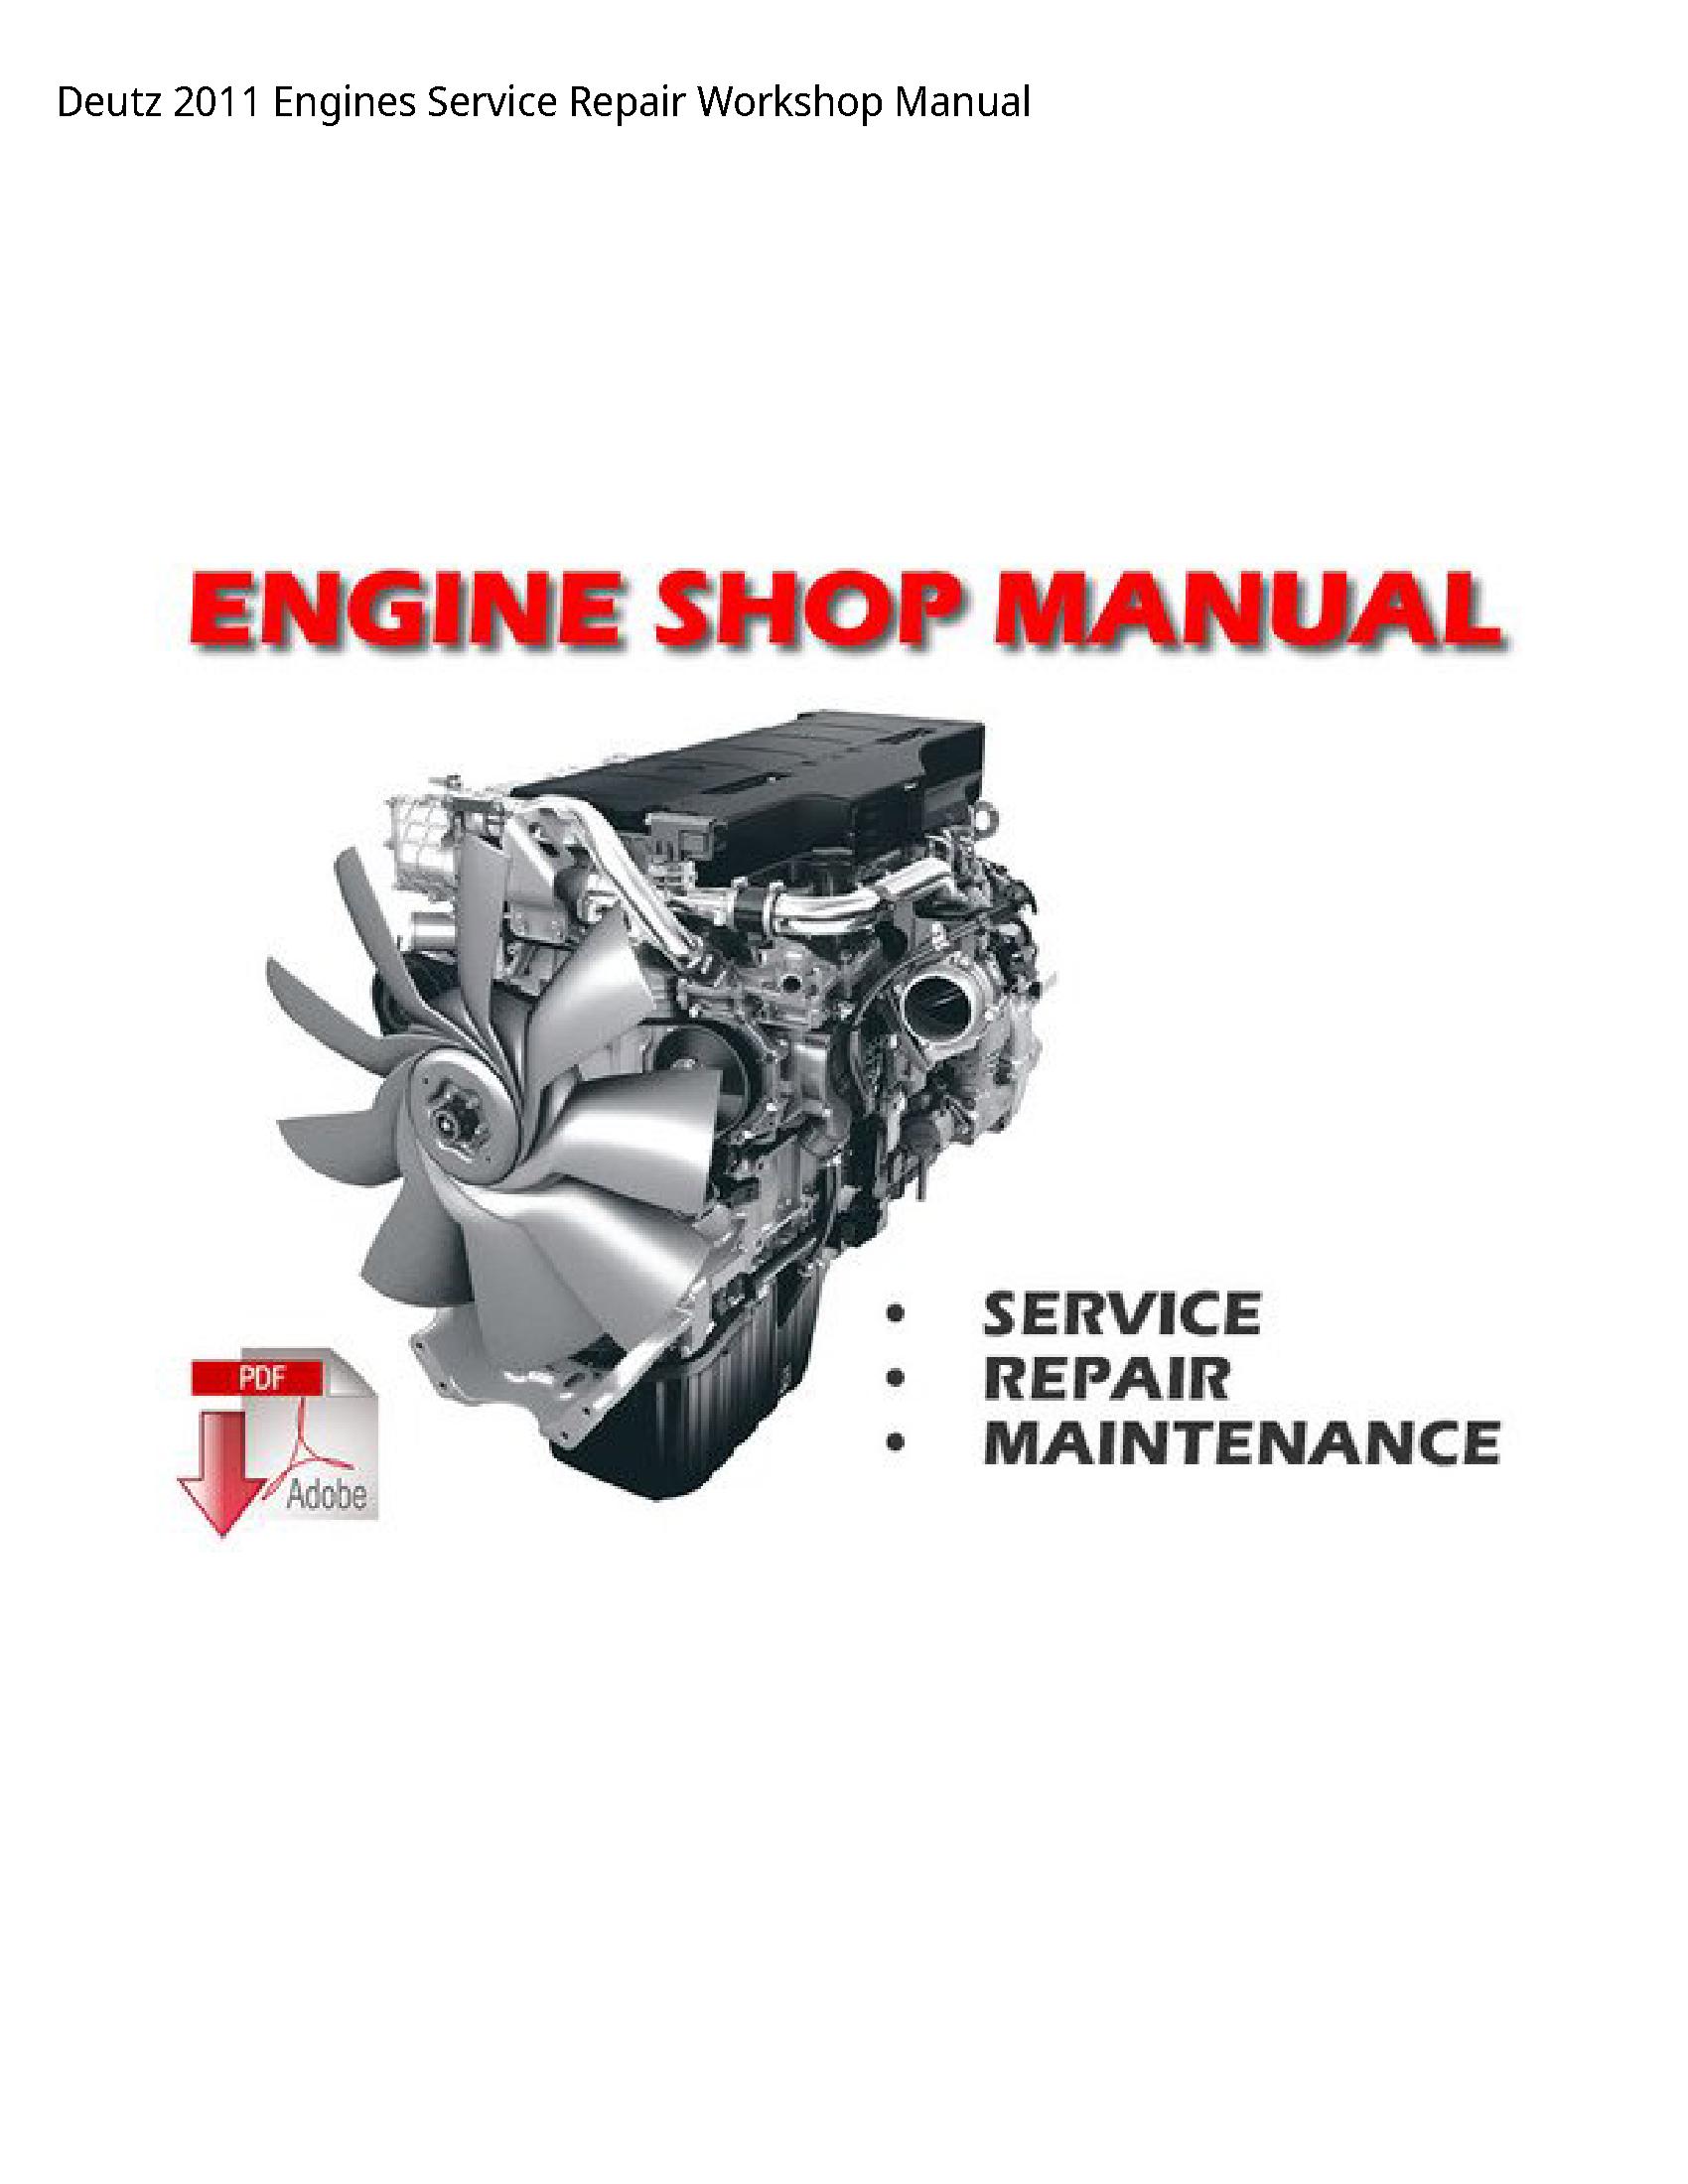 Deutz 2011 Engines manual